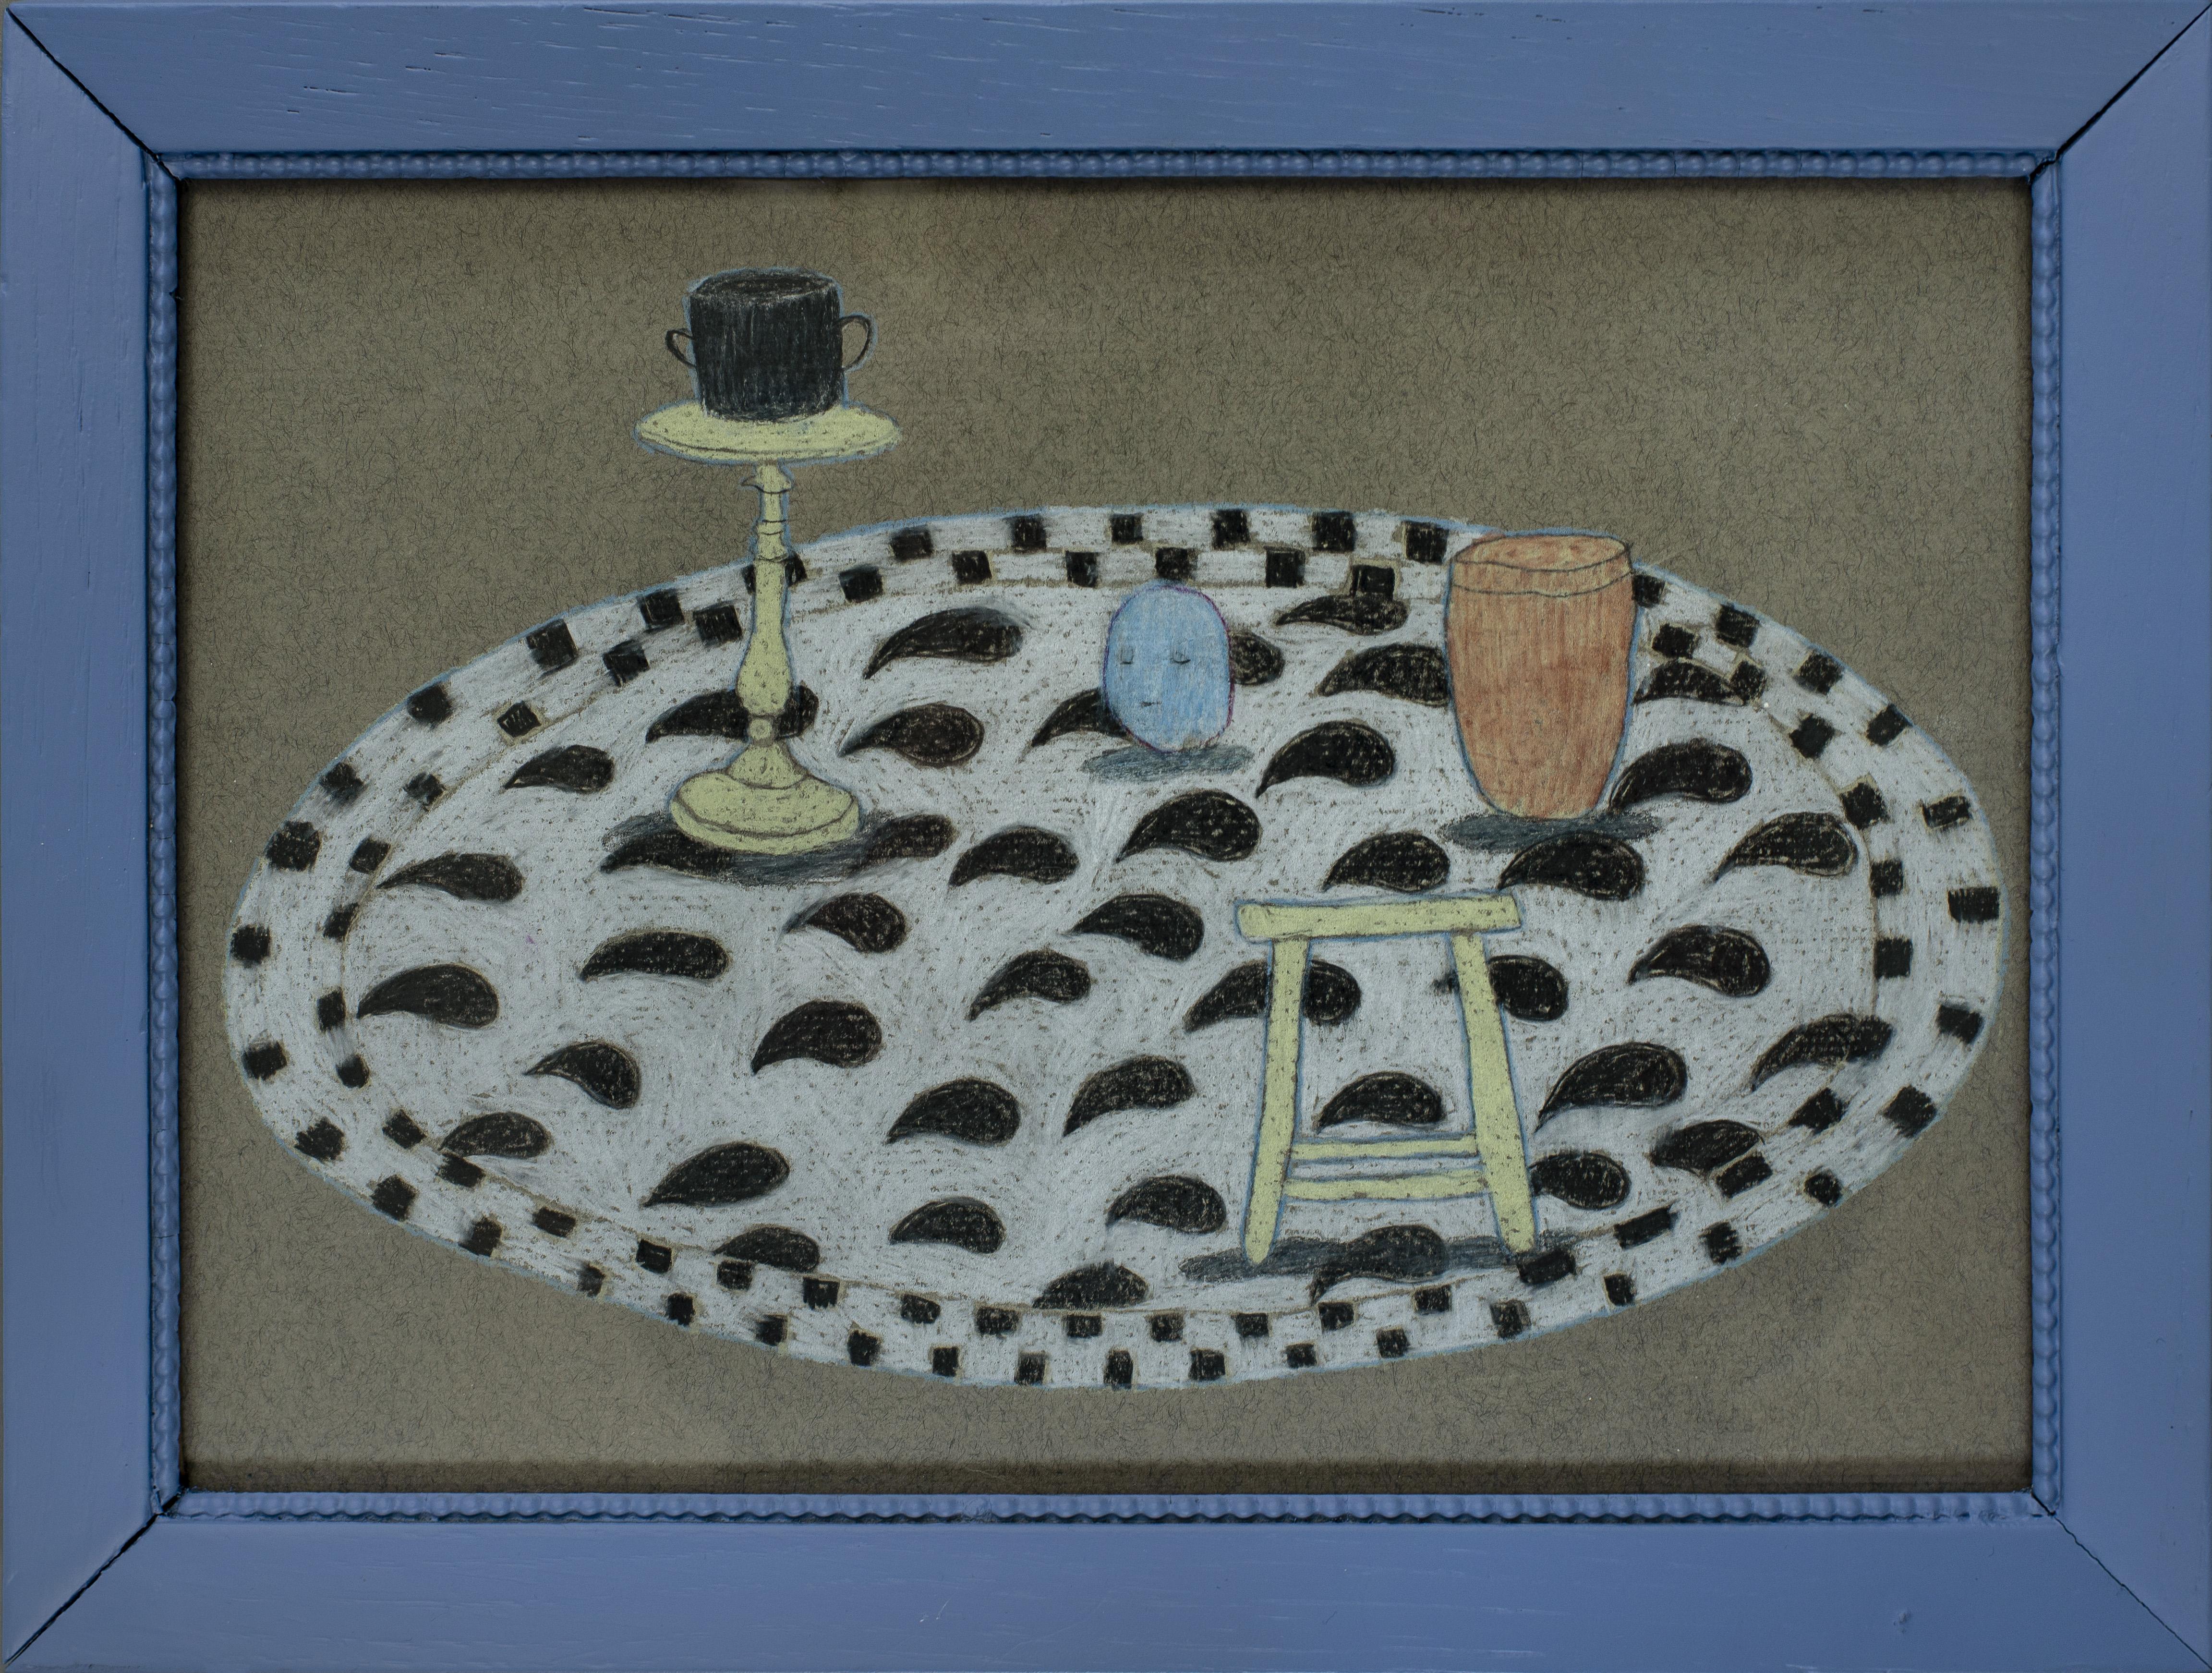 01.-Carpet-black-and-white-small-25x40cm-kleurpotlood-op-papier-2021-Schunck-art-collection-1.jpg